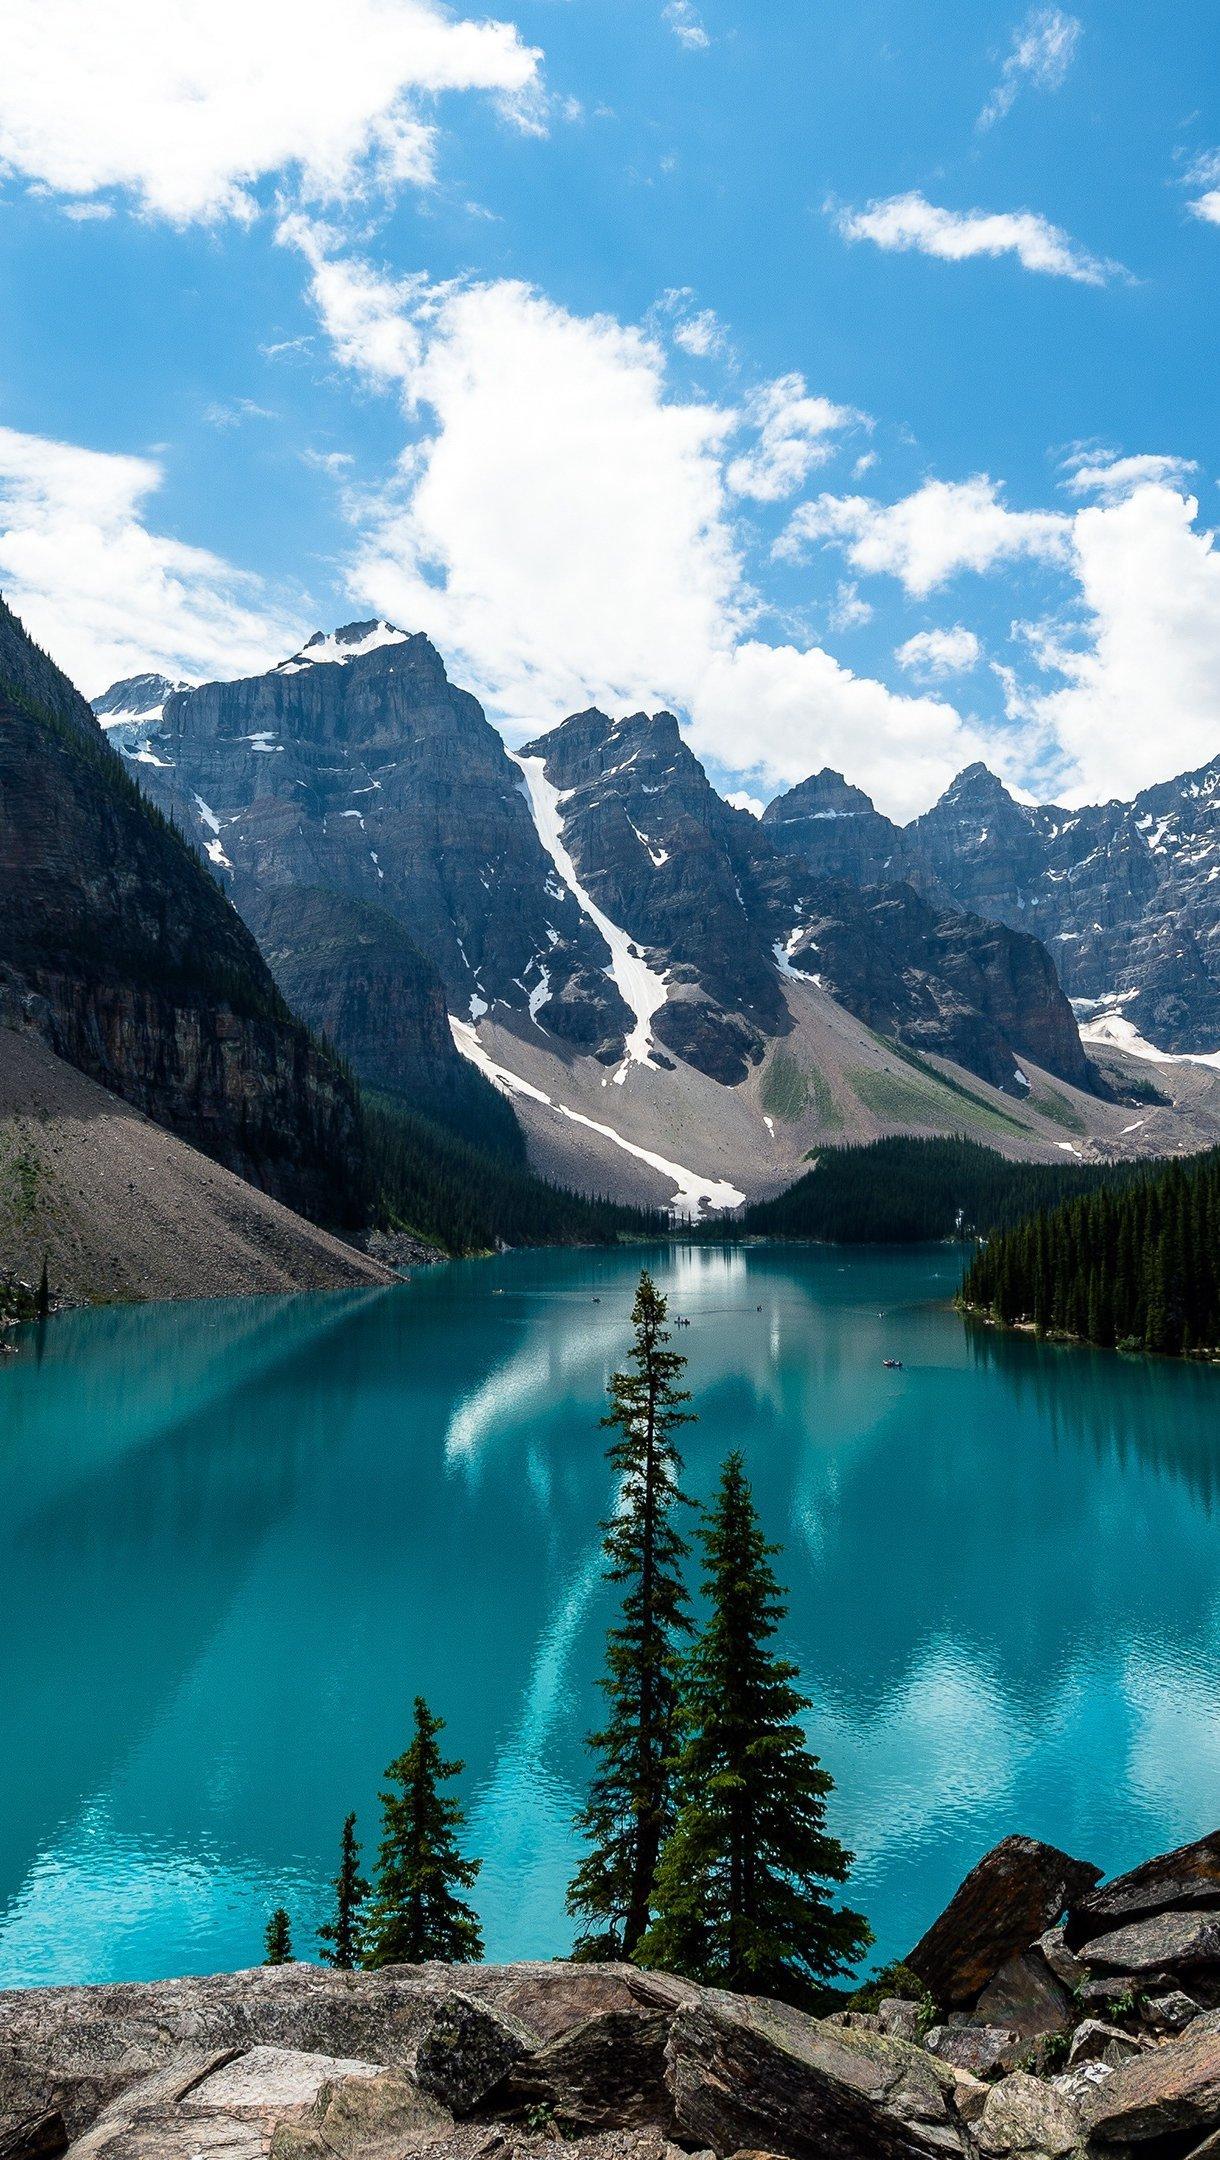 Fondos de pantalla Montañas en lago azul en bosque Vertical